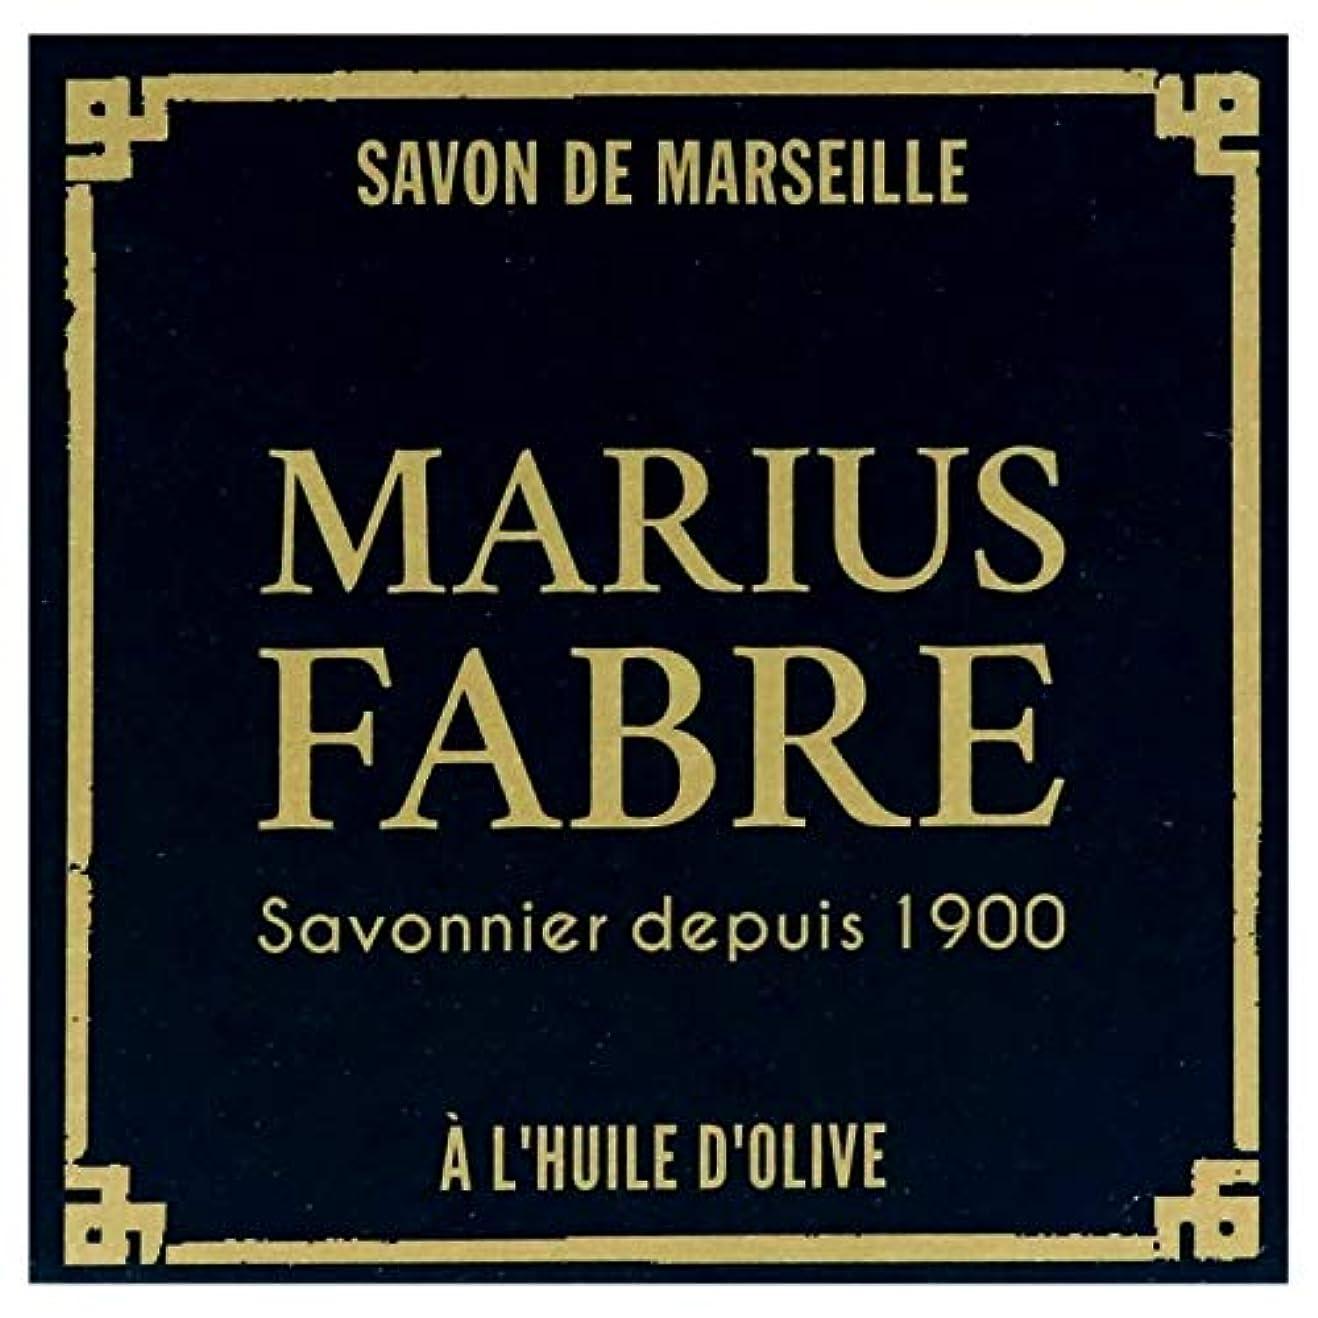 ミスペンド取り付け免除するサボンドマルセイユ ネイチャー オリーブ (400g)